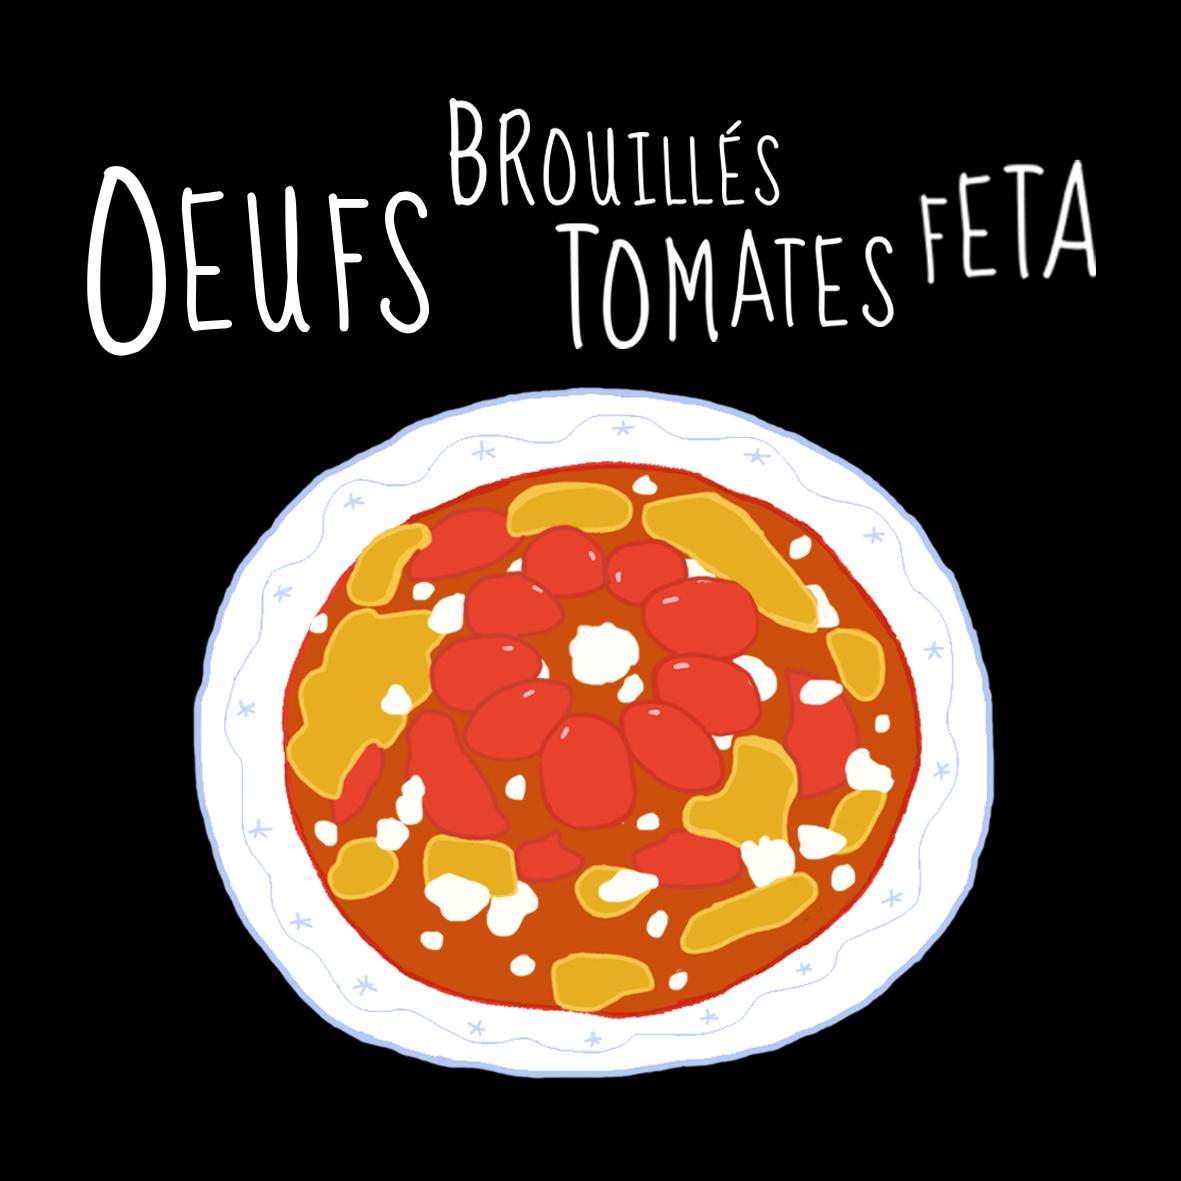 Oeufs Brouilles Tomates feta